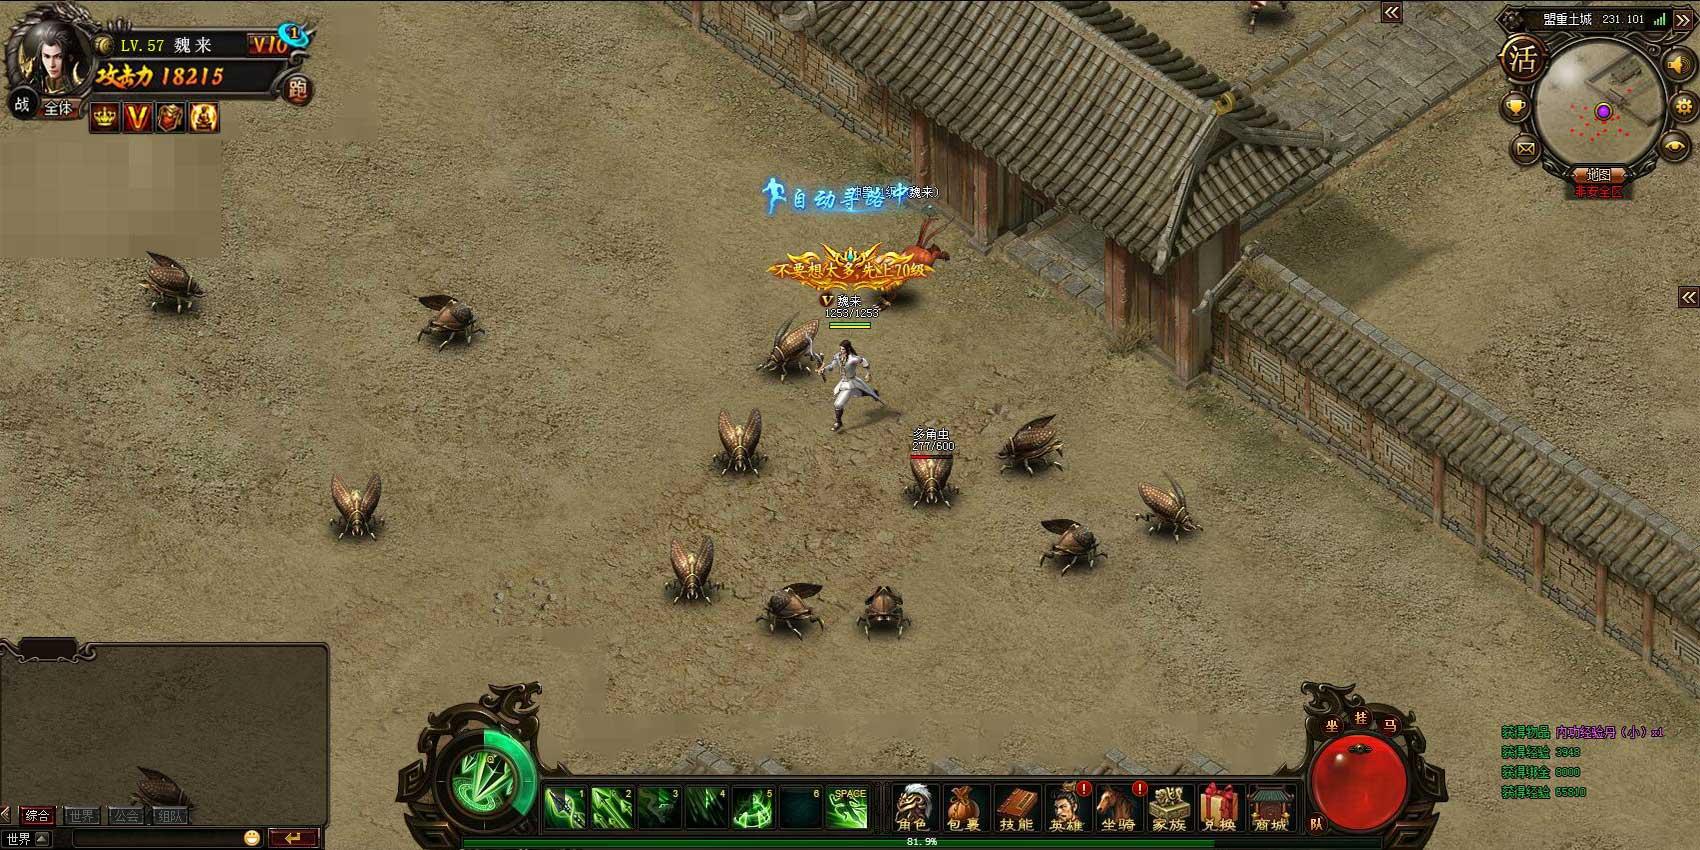 《传奇之梦》游戏截图